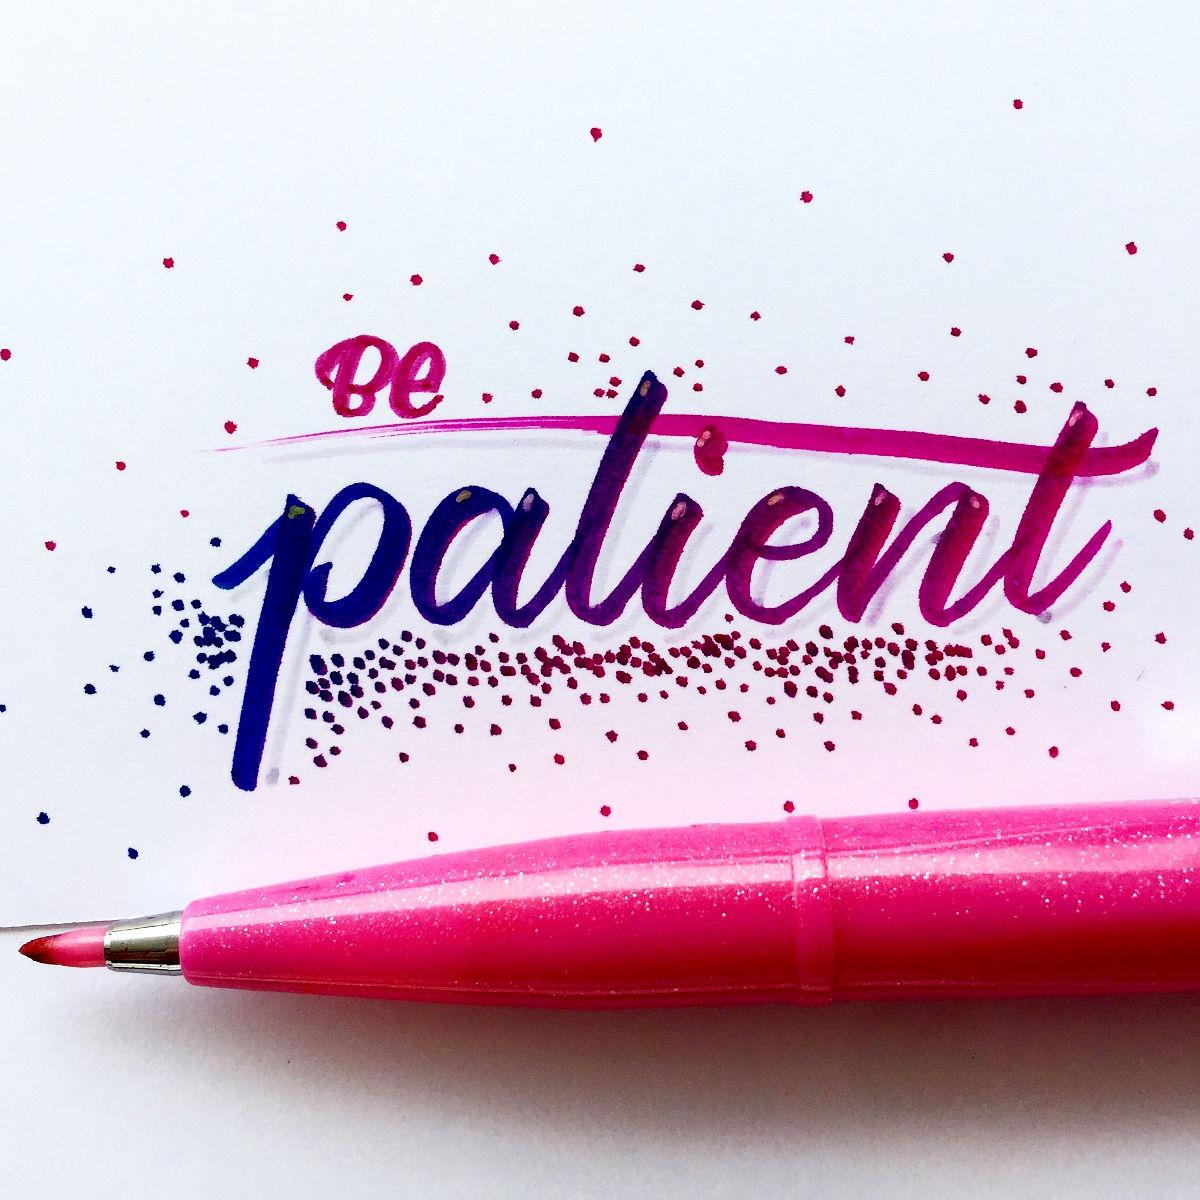 be patient - Farbverlauf mit Brushpens